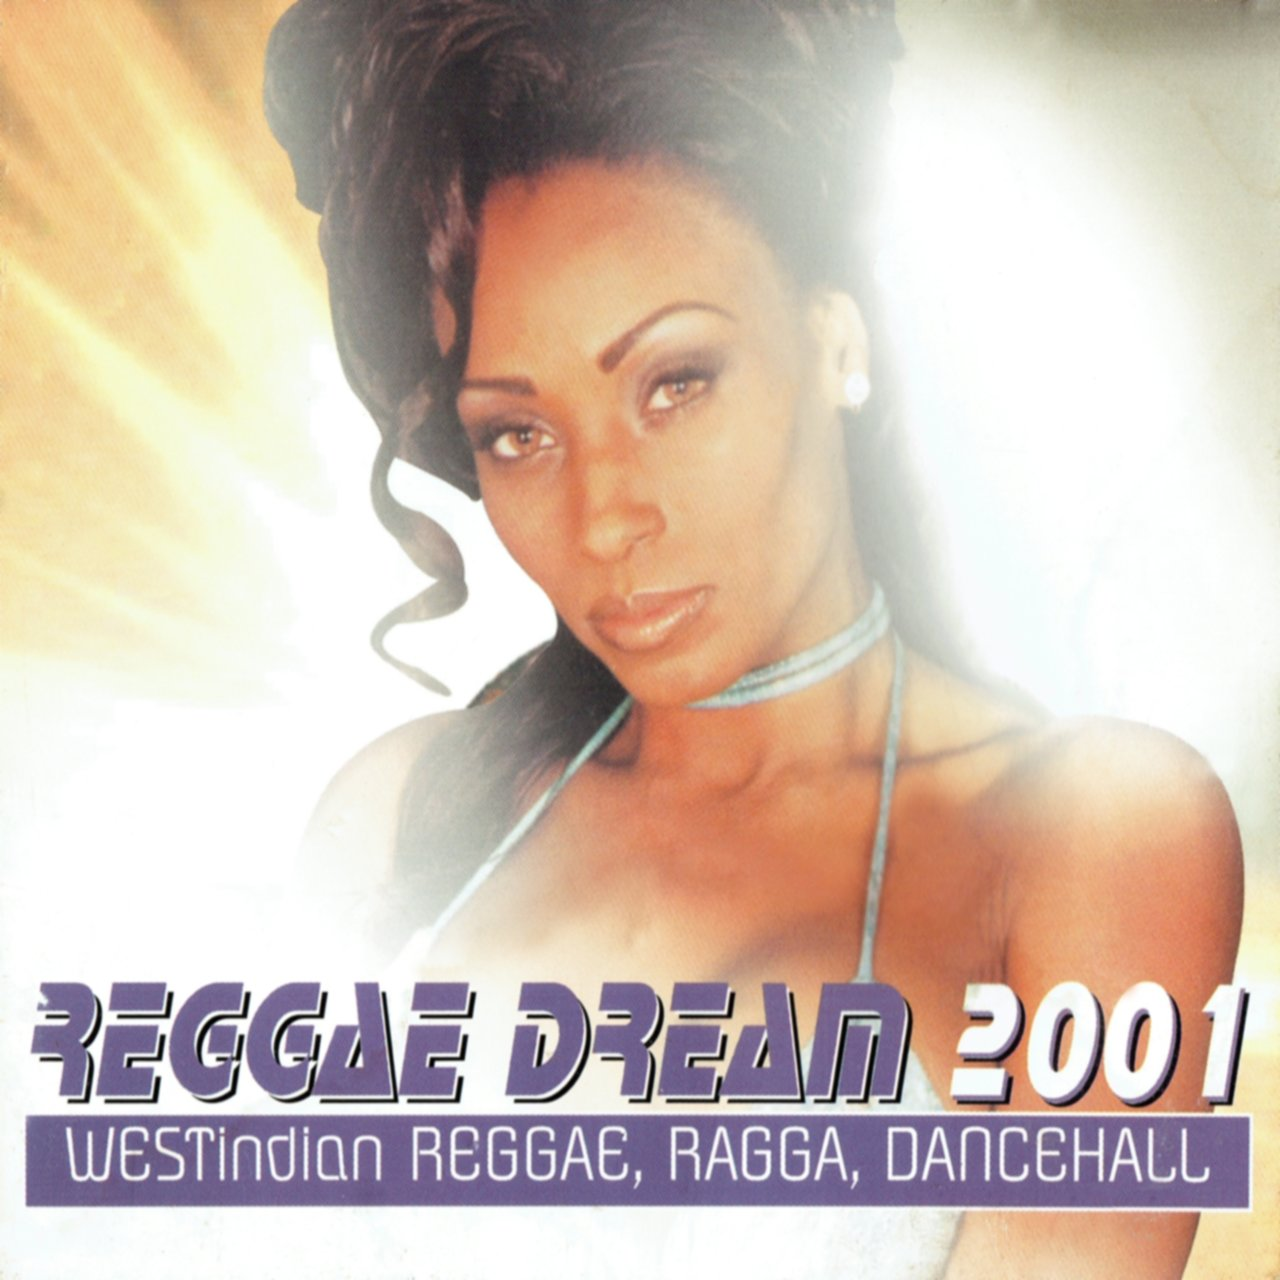 Reggae Dream 2001